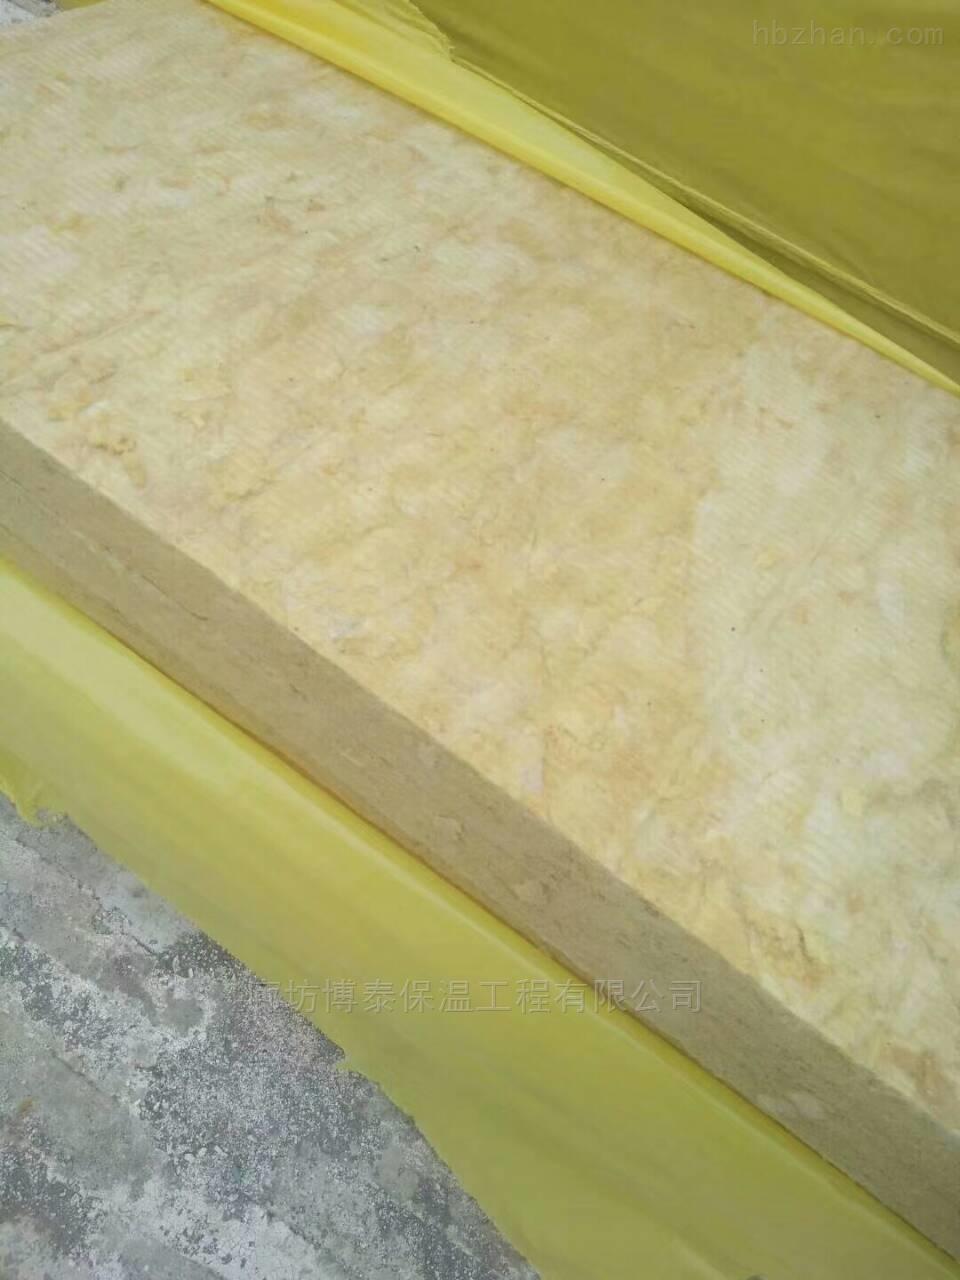 保温岩棉板产品